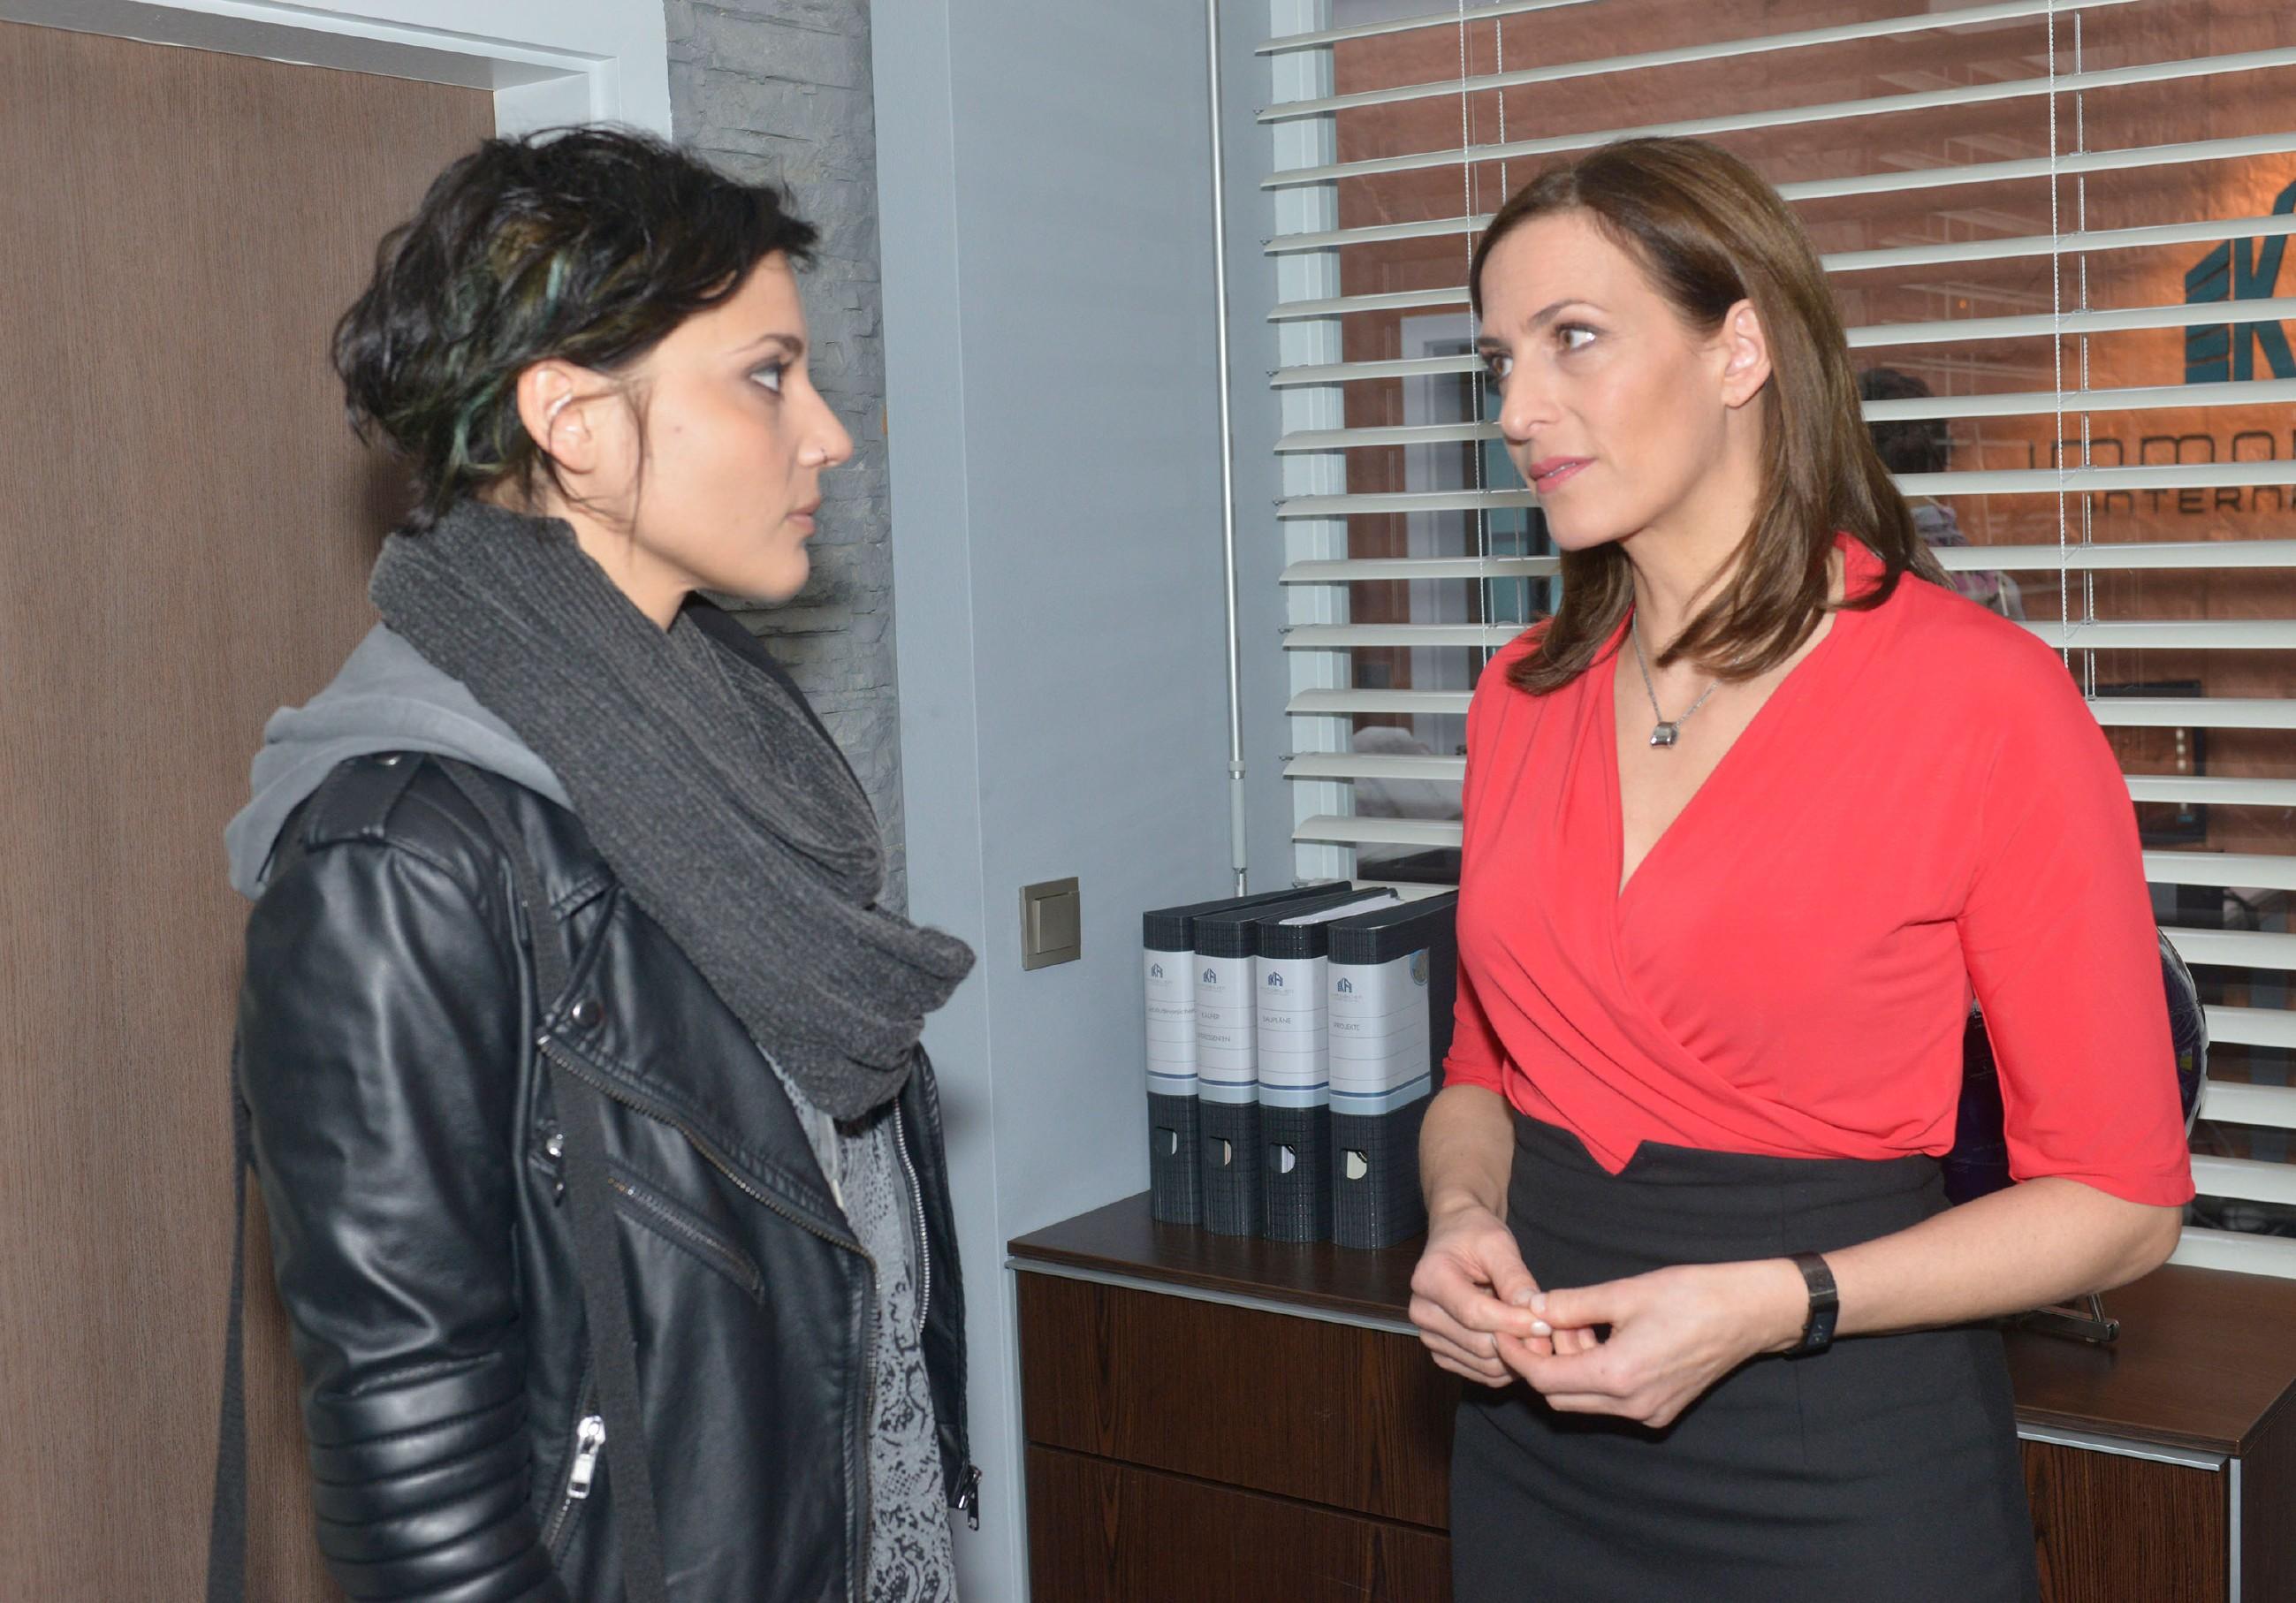 Anni (Linda Marlen Runge, l.) ist überrascht, dass Katrin (Ulrike Frank) vor der Gerichtsverhandlung keinen Druck auf sie ausübt. (Quelle: RTL / Rolf Baumgartner)